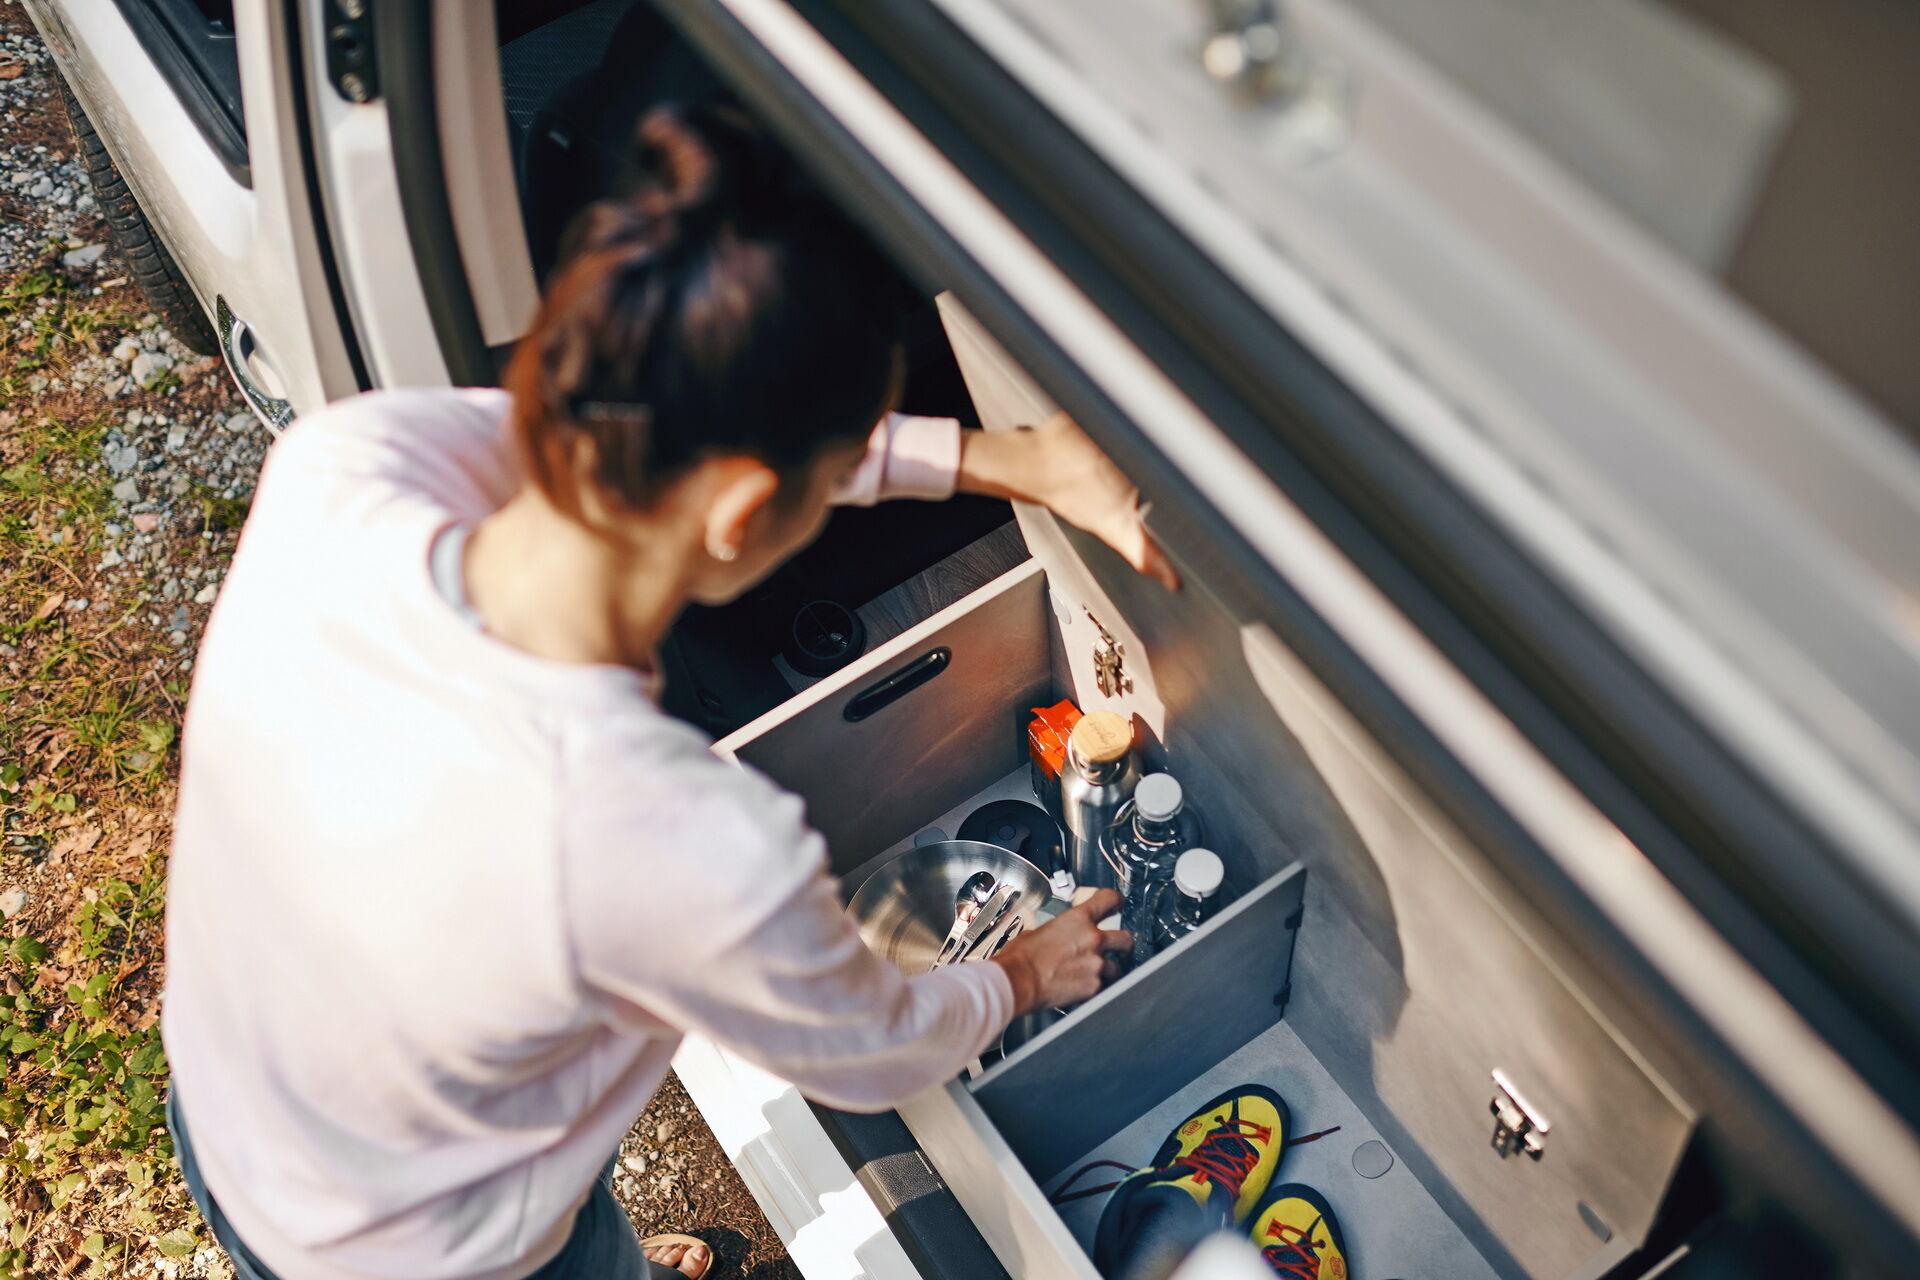 В машине предусмотрено несколько специальных отделений для различных вещей